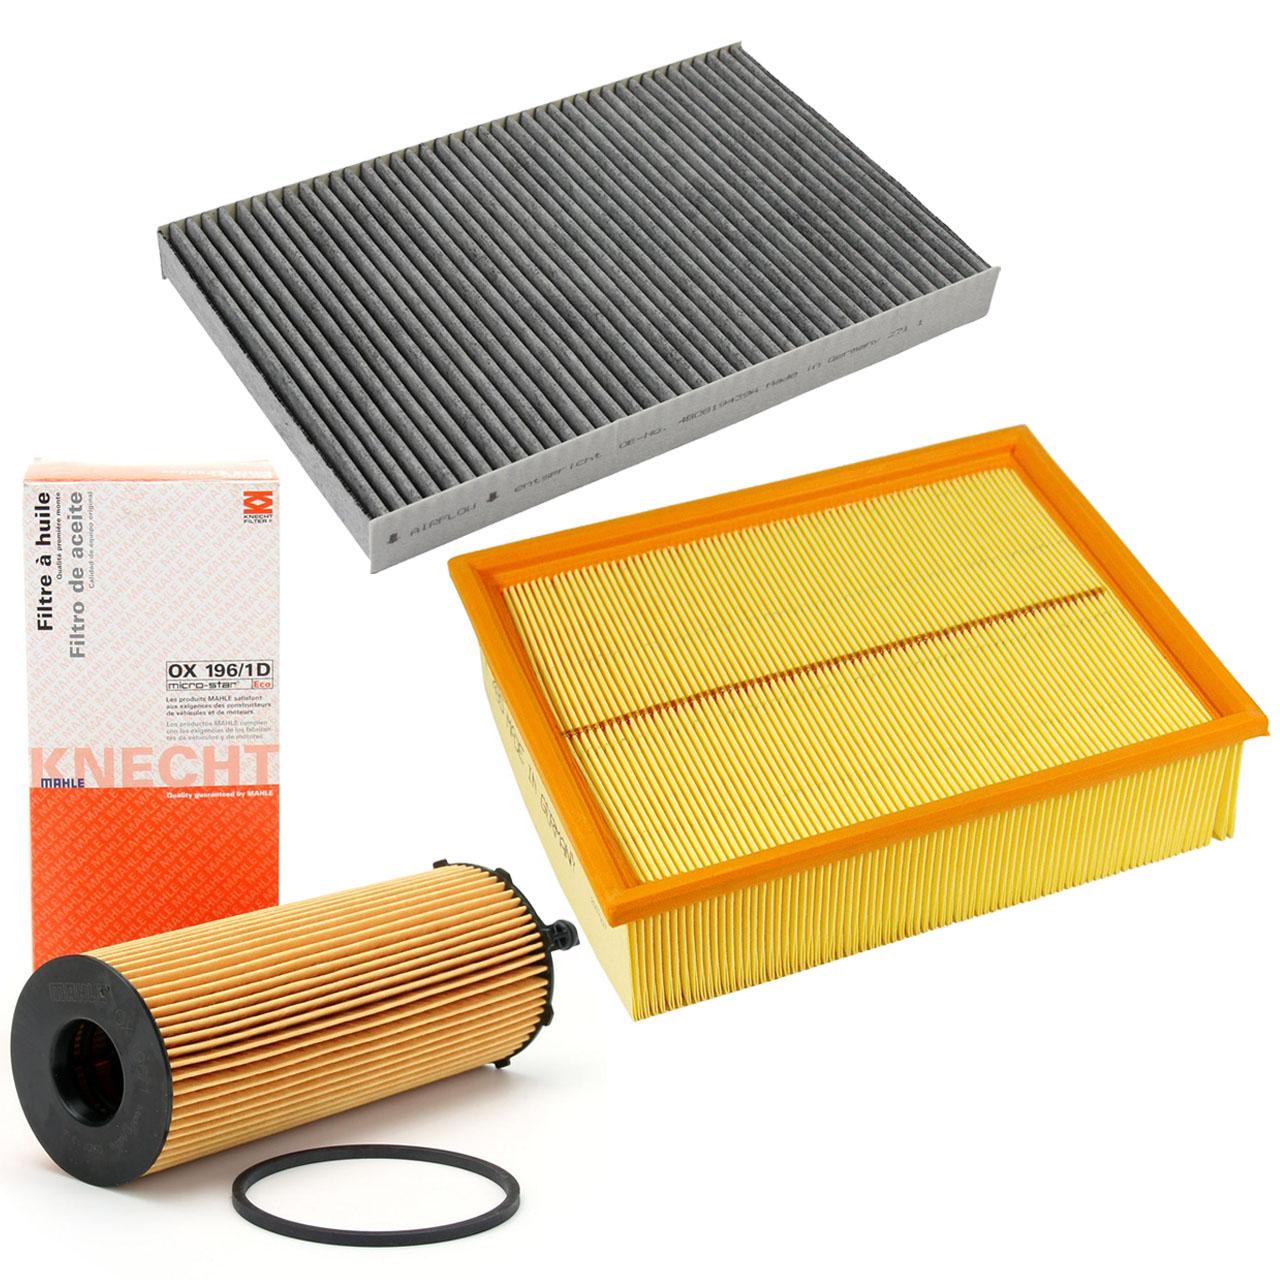 Inspektionskit Filterpaket Filterset für Audi A4 8E B7 2.7TDI 3.0TDI 163-233 PS